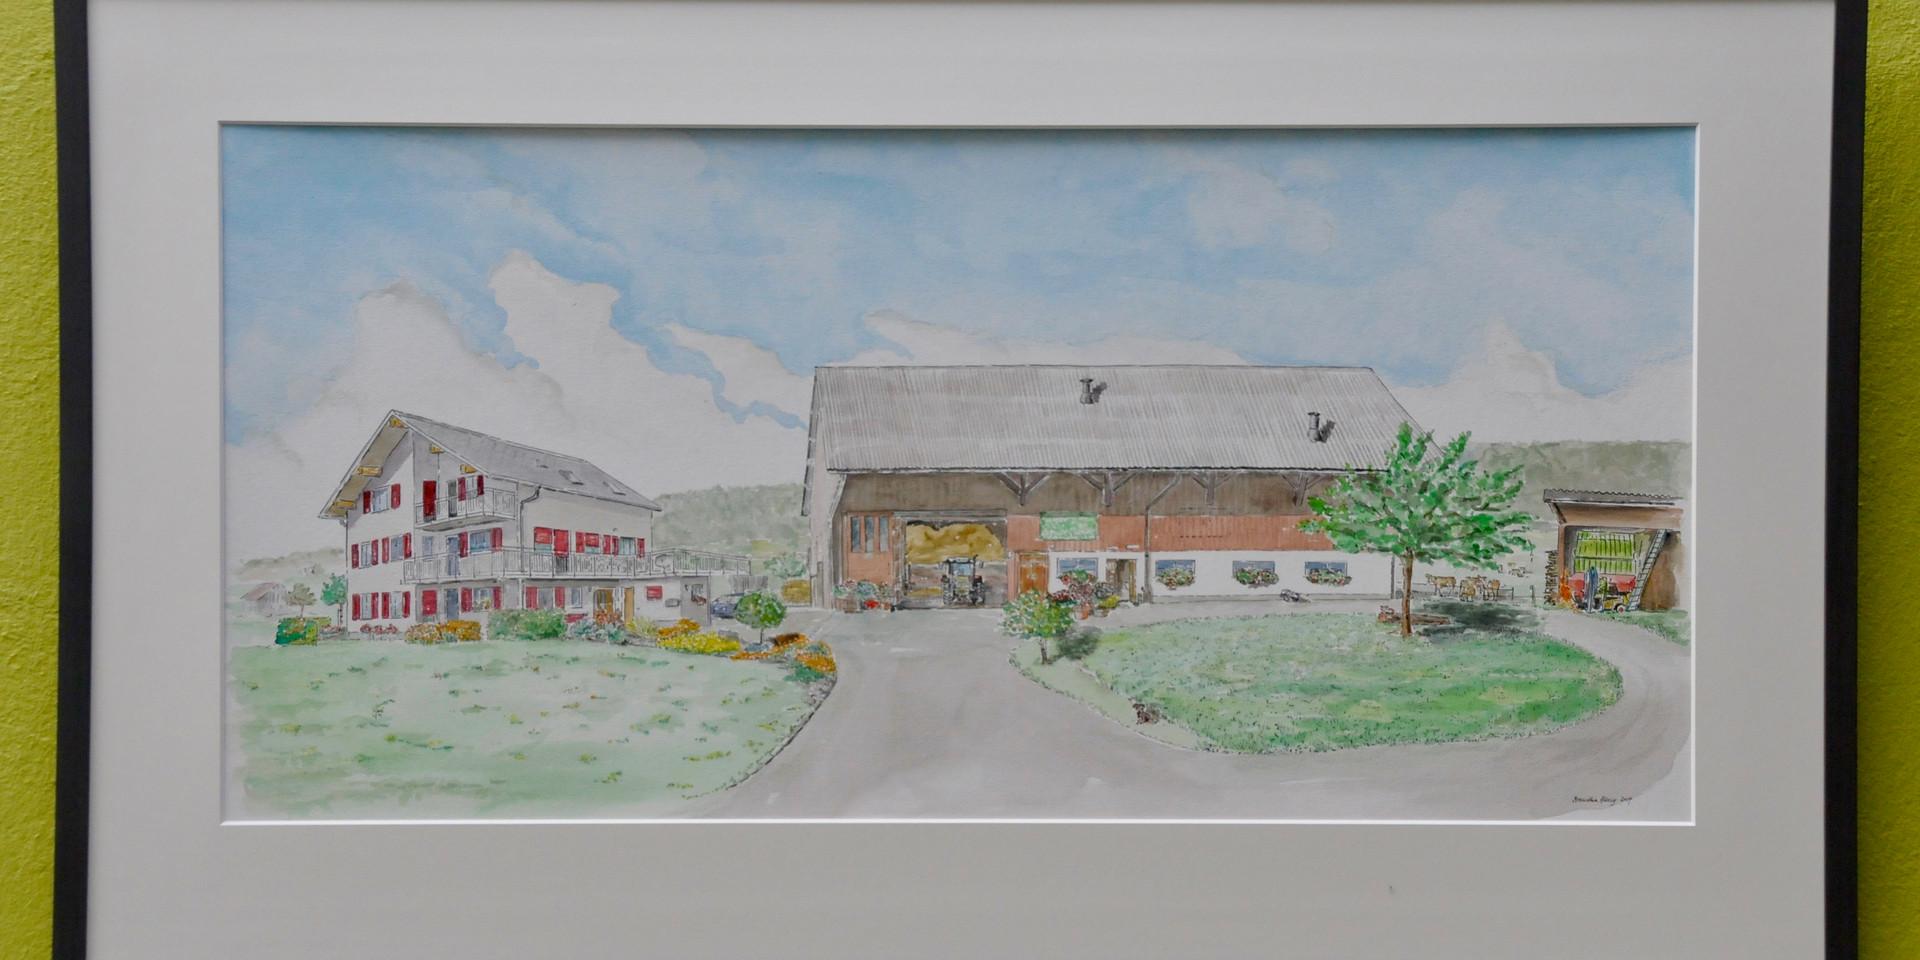 Bauernhof in Uznach